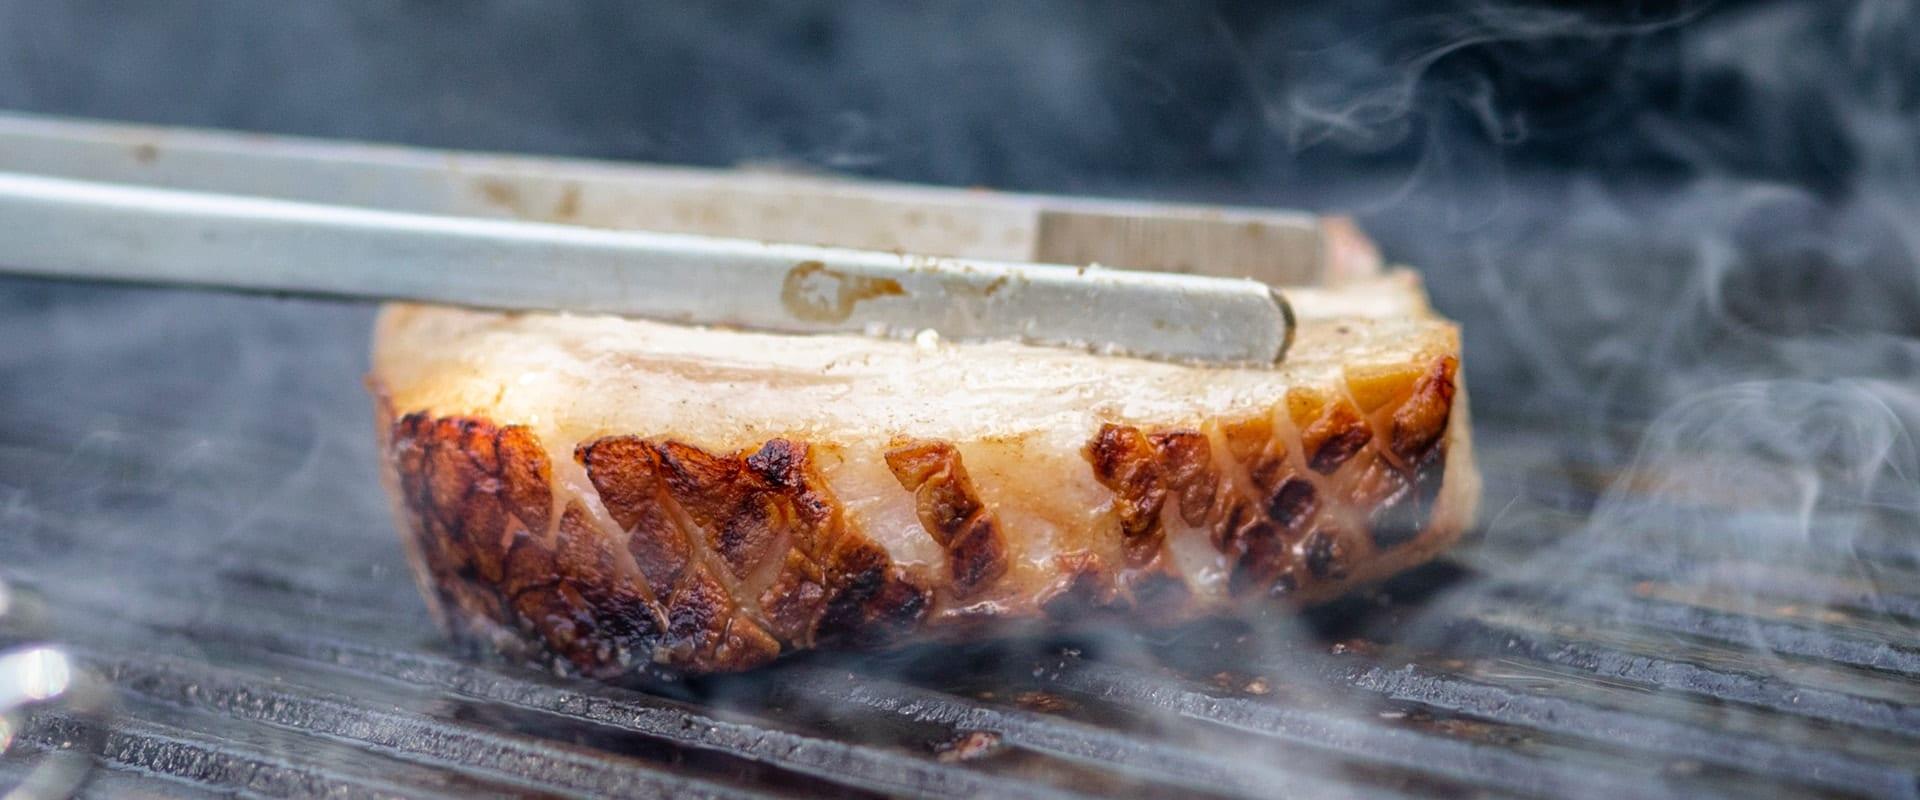 Aufgeklärt: Wie oft darf man ein Steak wenden?